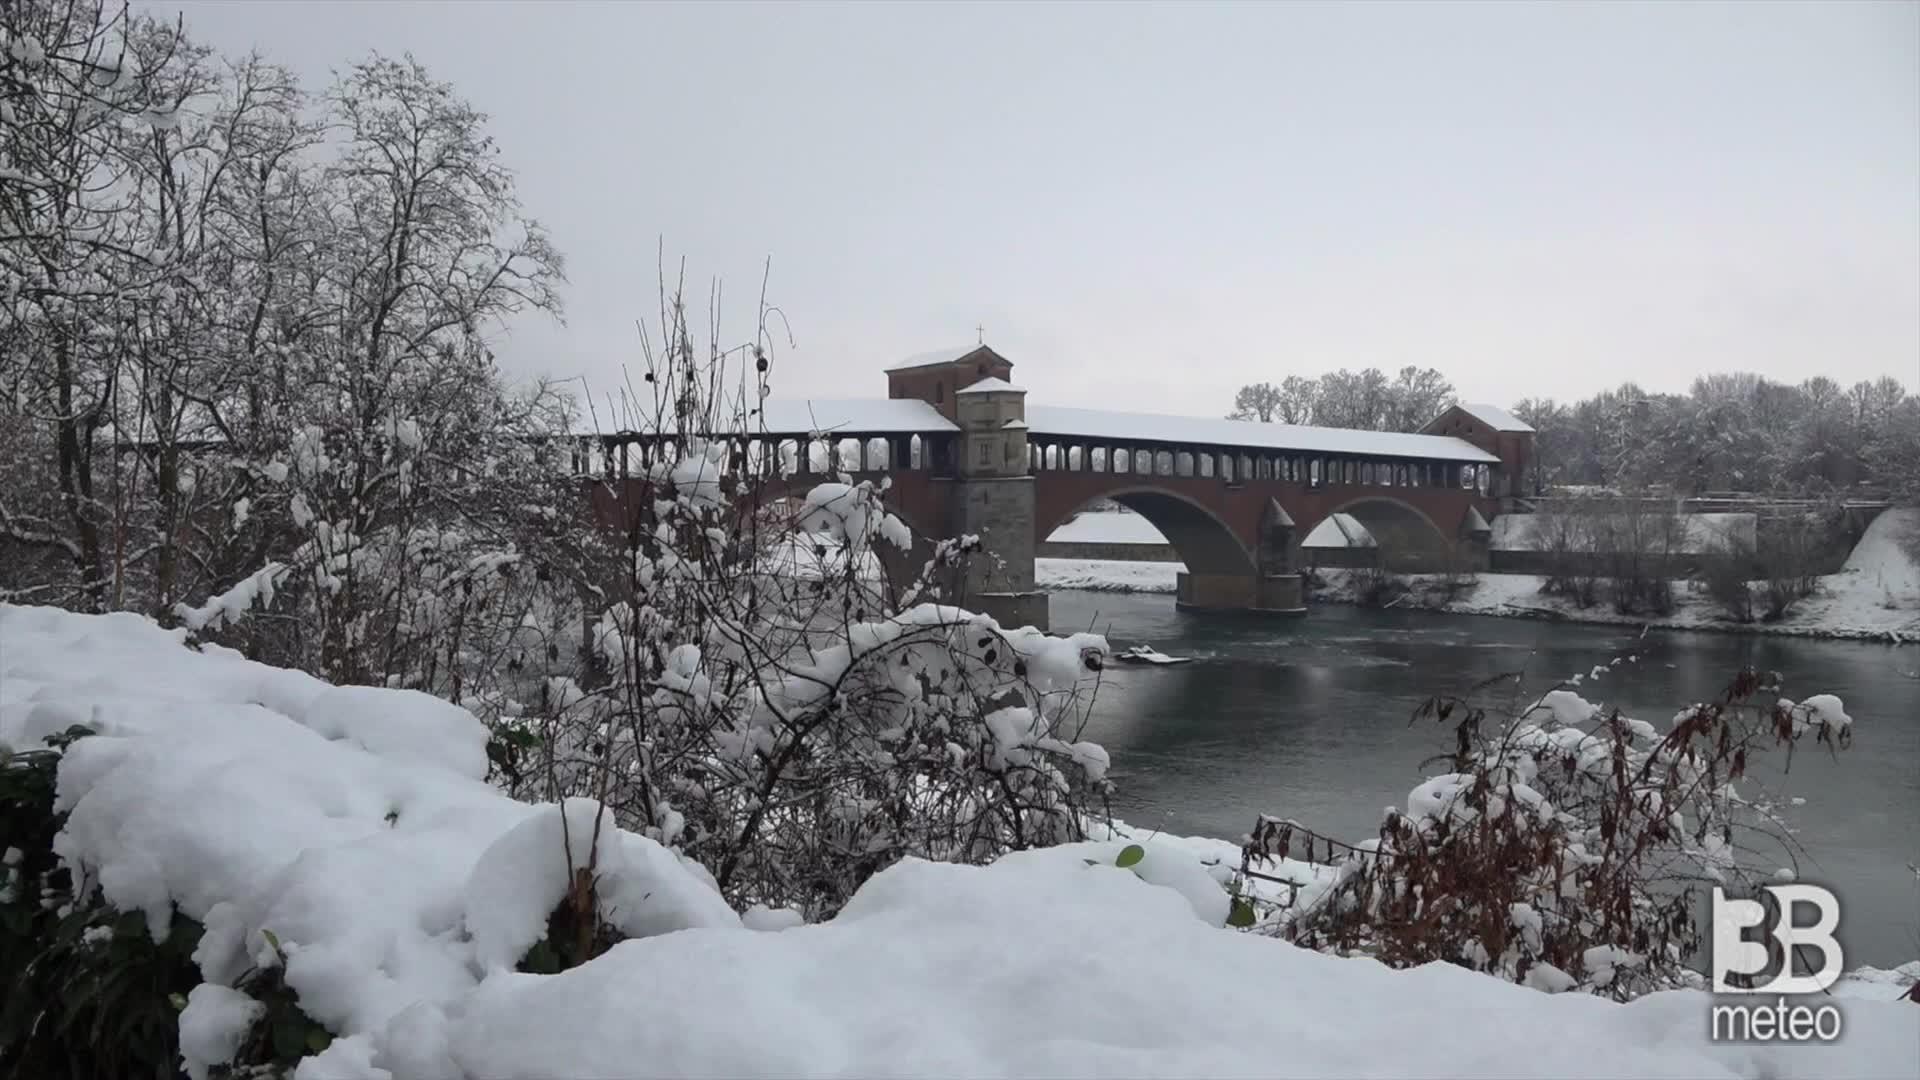 Pavia, la città imbiancata: la città coperta di neve